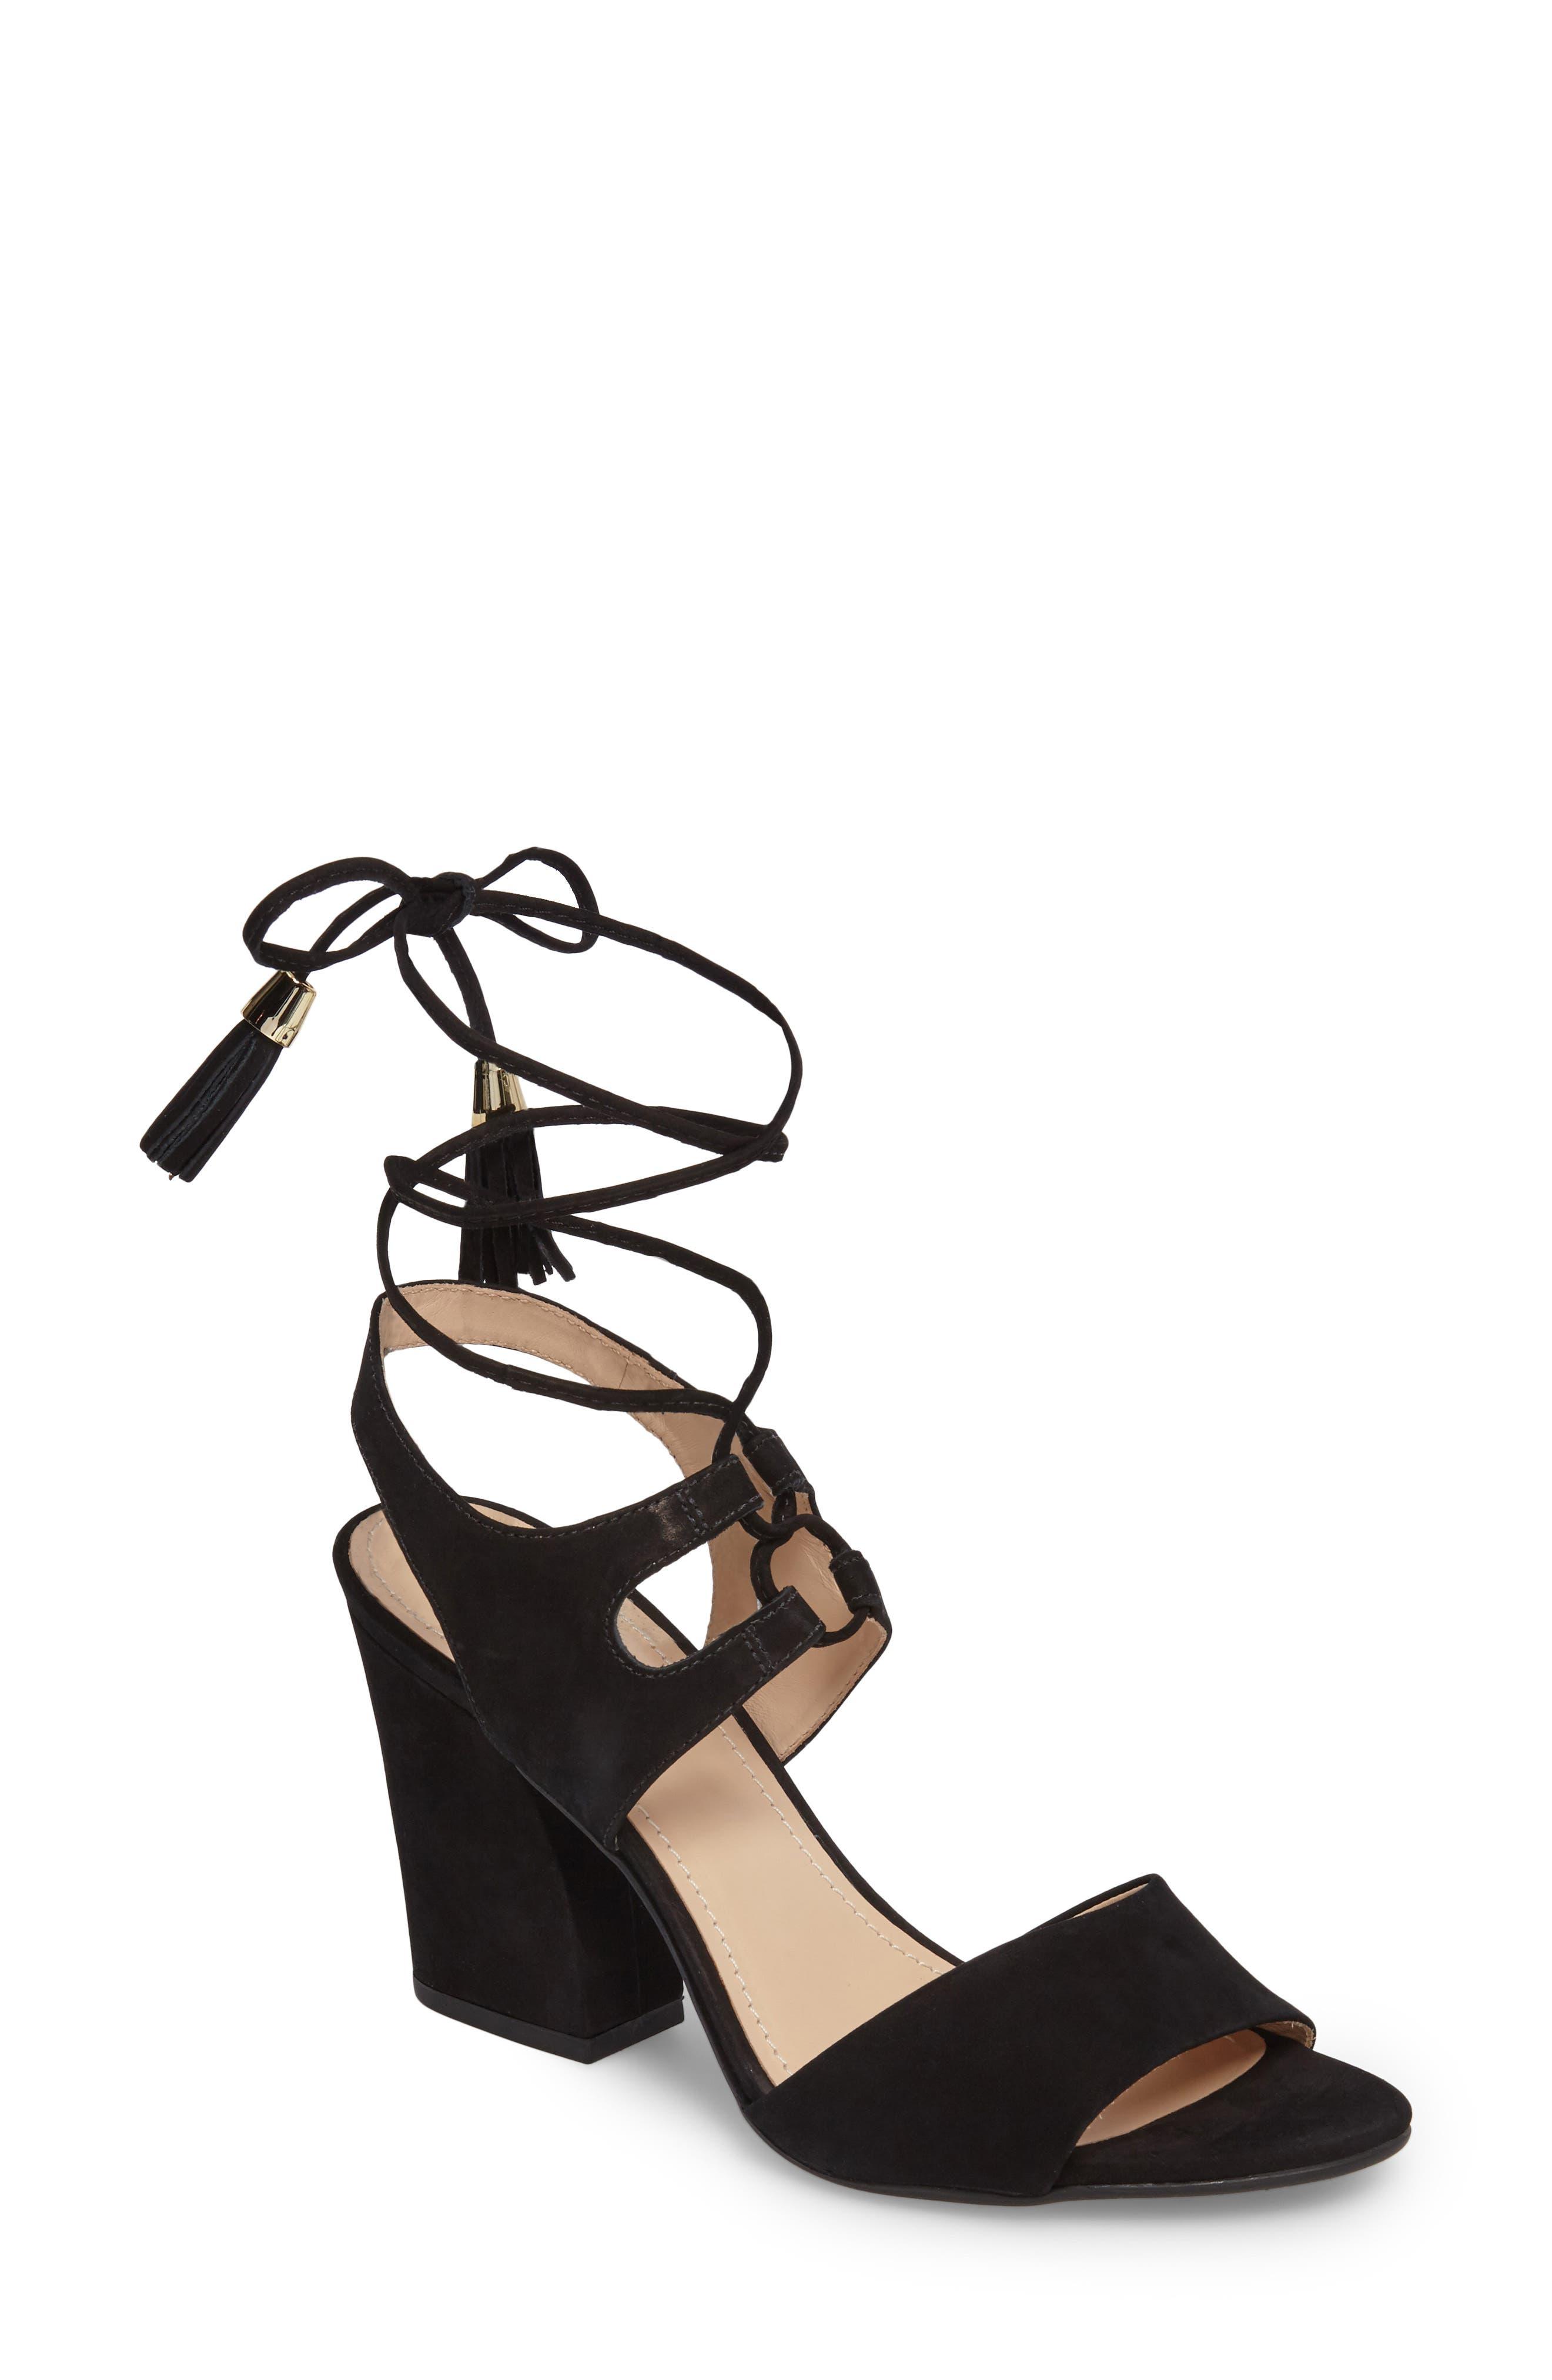 Kaira Ankle Wrap Sandal,                             Main thumbnail 1, color,                             Black Nubuck Leather